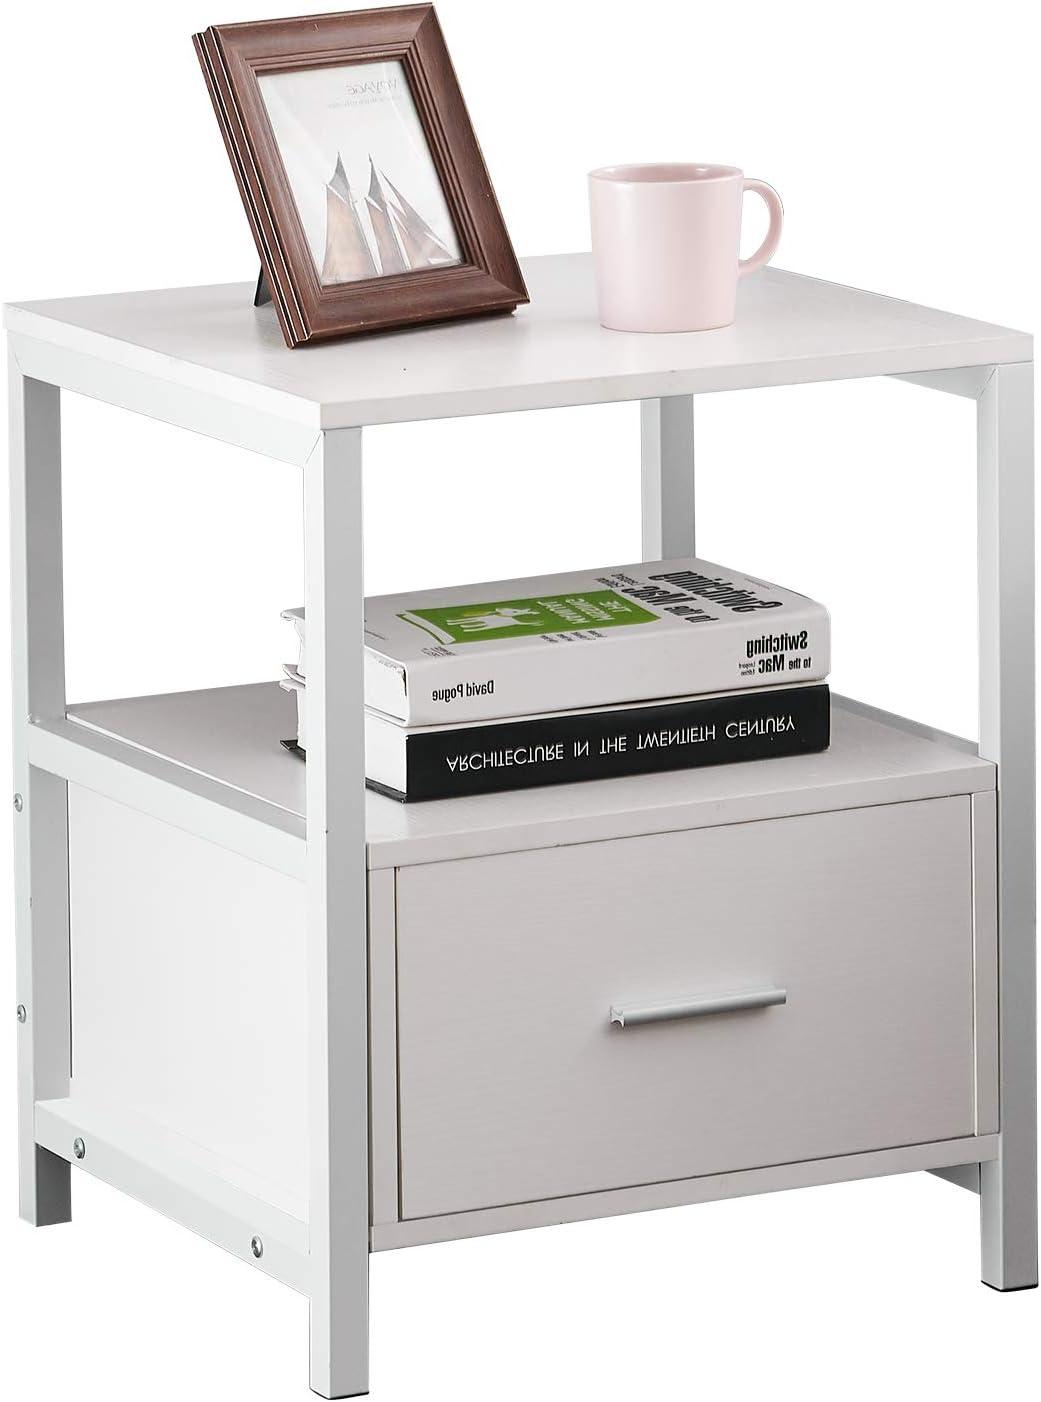 Blau VECELO Nachttisch Nachtkommode mit Schublade Ablage Beistelltisch im Industrie-Design Sofatisch Nachtschrank